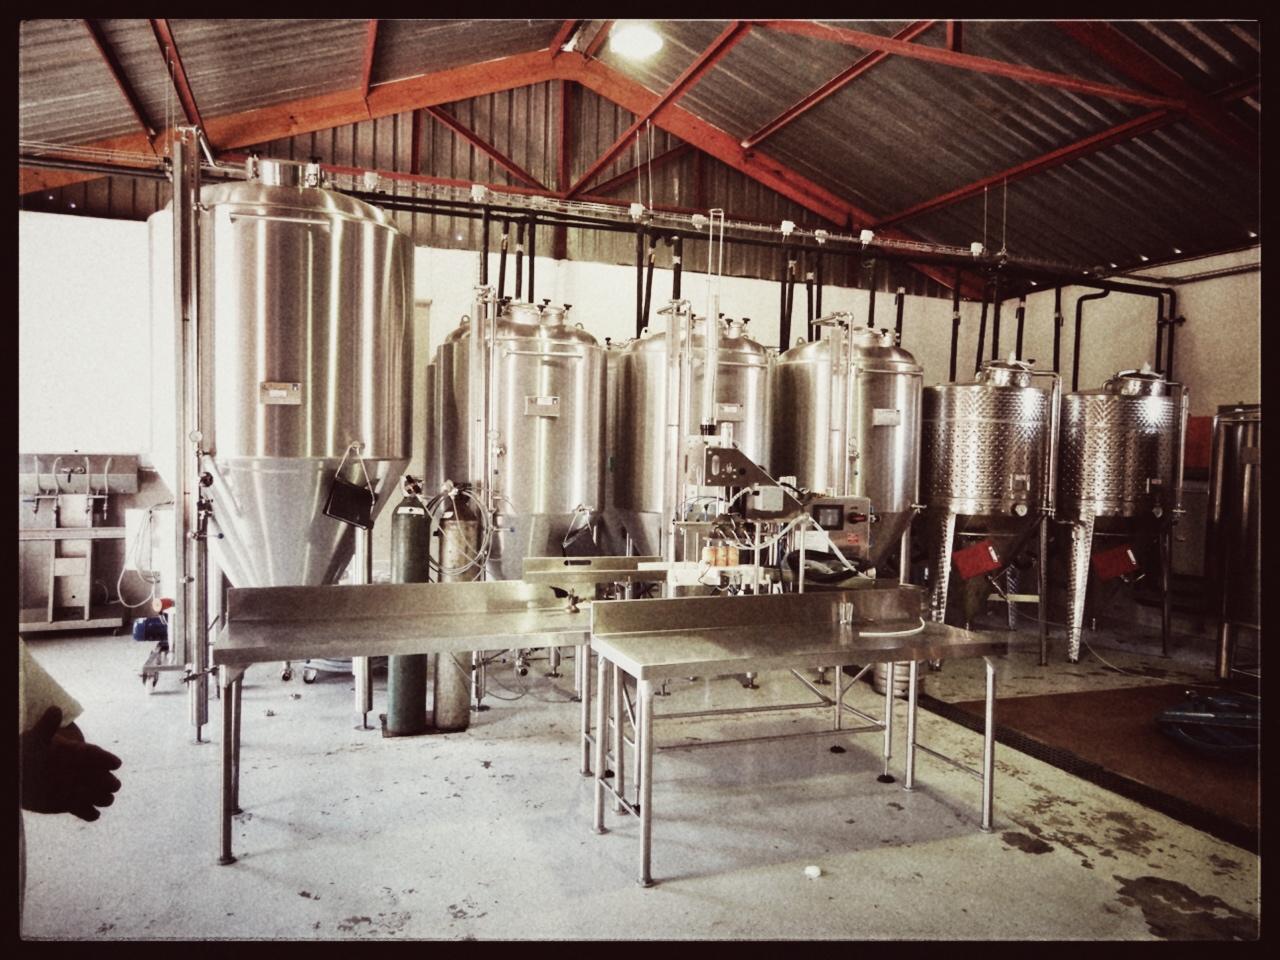 bezoek aan de microbrouwerij 'Saggy Stone' in de omgeving van Robertson.